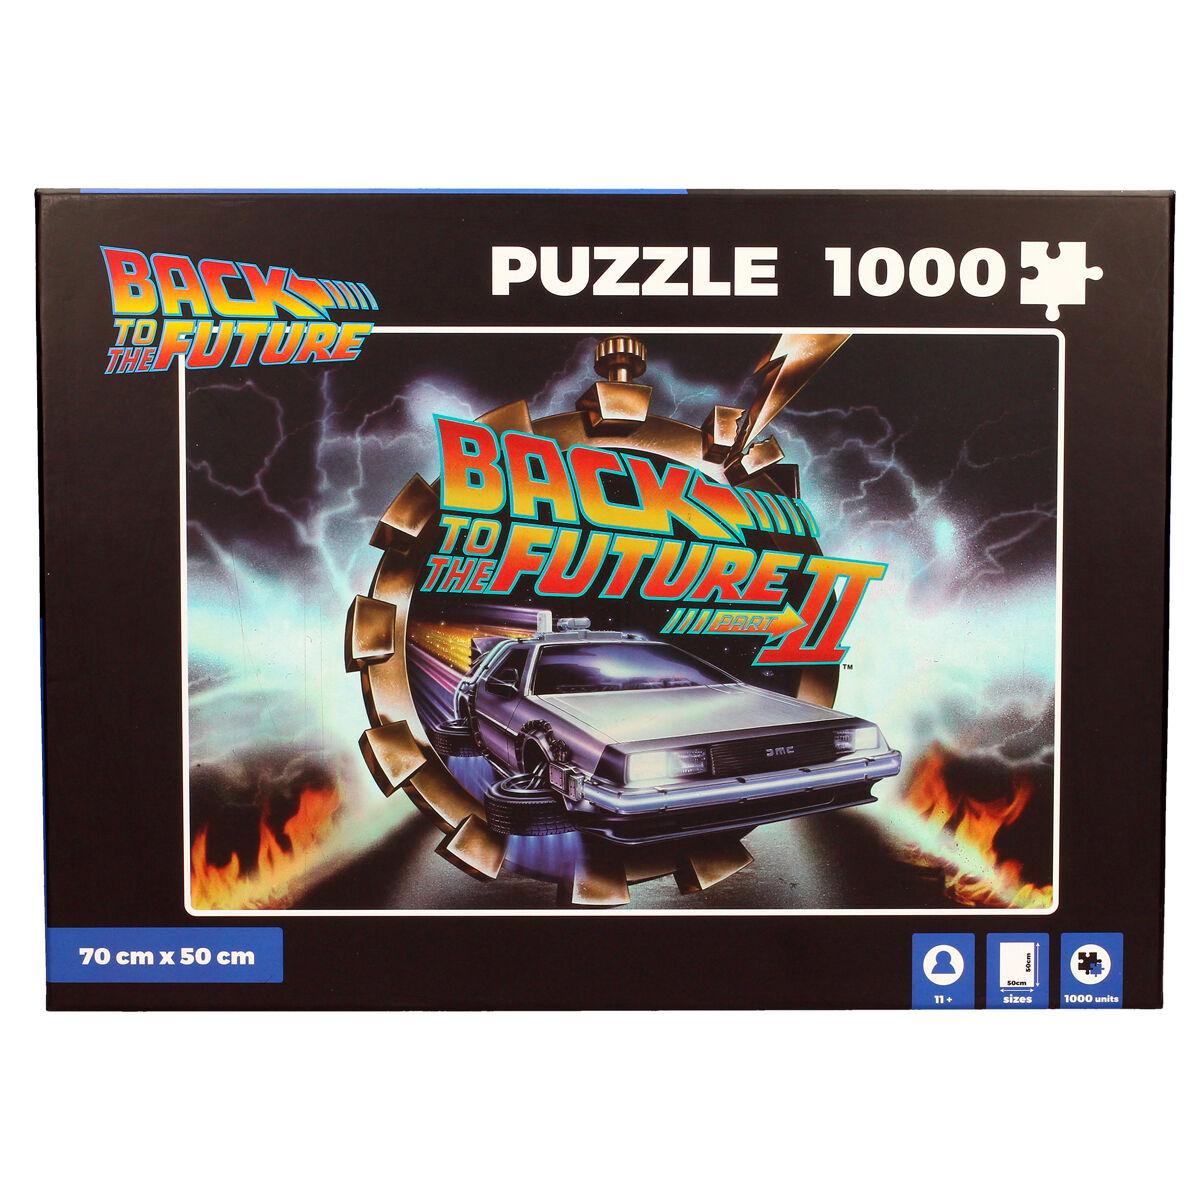 Puzzle Regreso al Futuro II 1000pzs 8435450223242